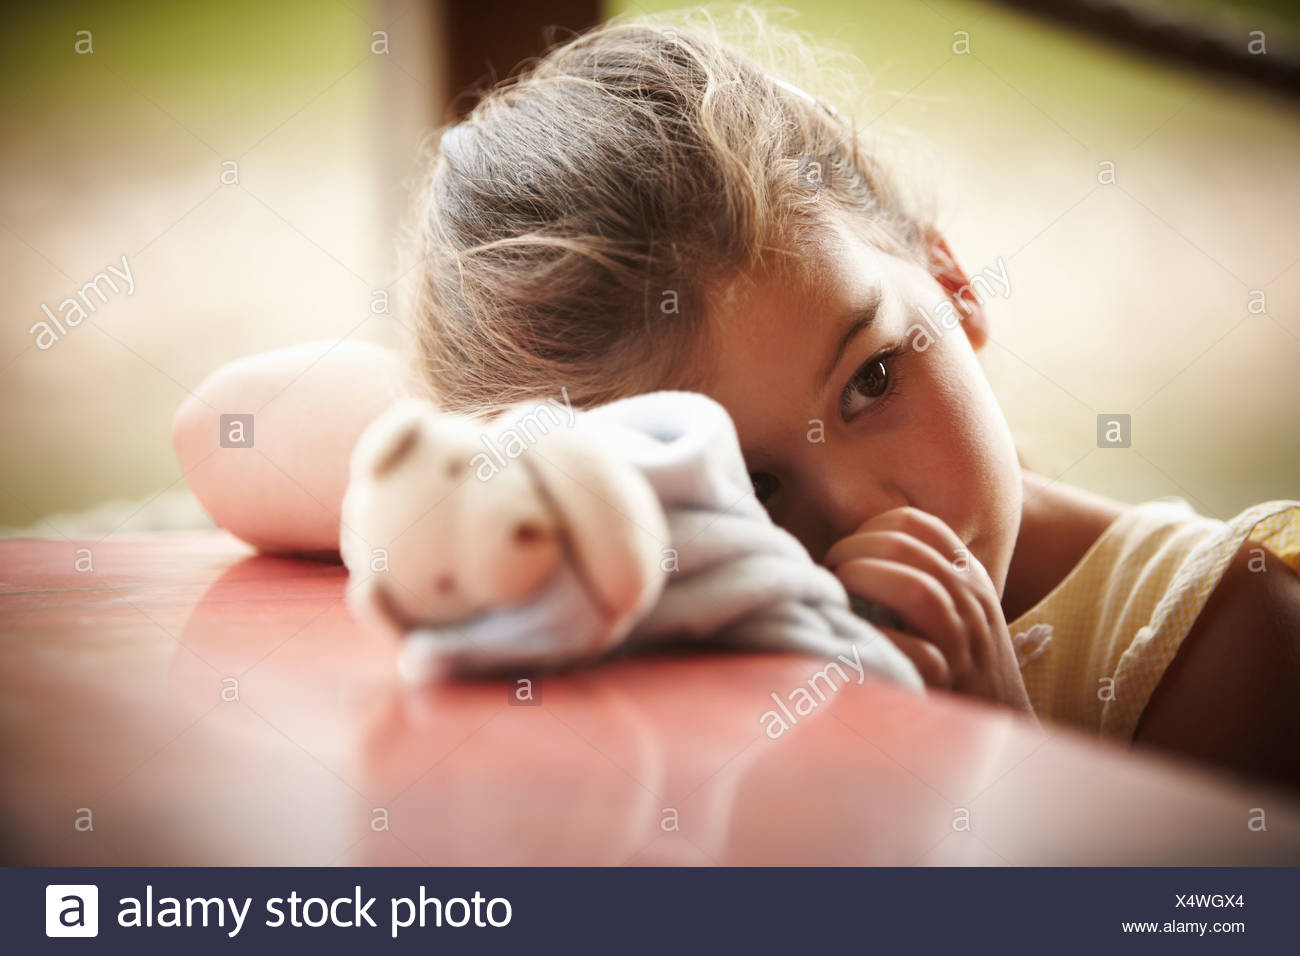 Nahaufnahme von Mädchen mit Stofftier Daumenlutschen Stockbild